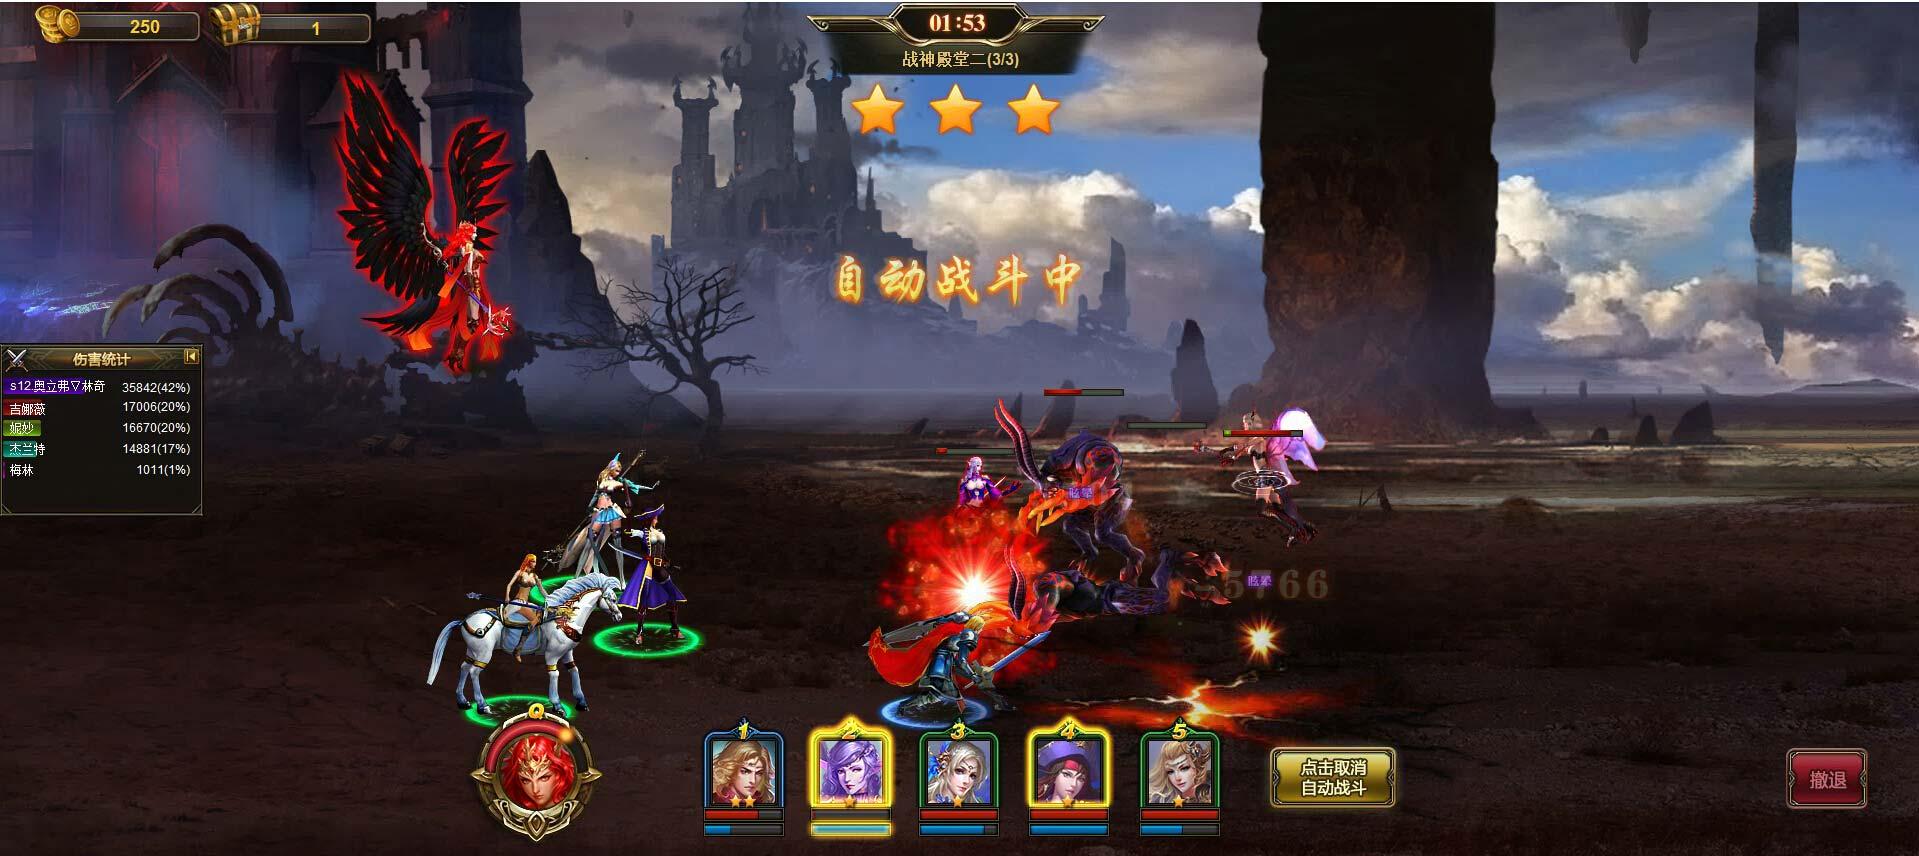 巨龙战纪游戏截图2